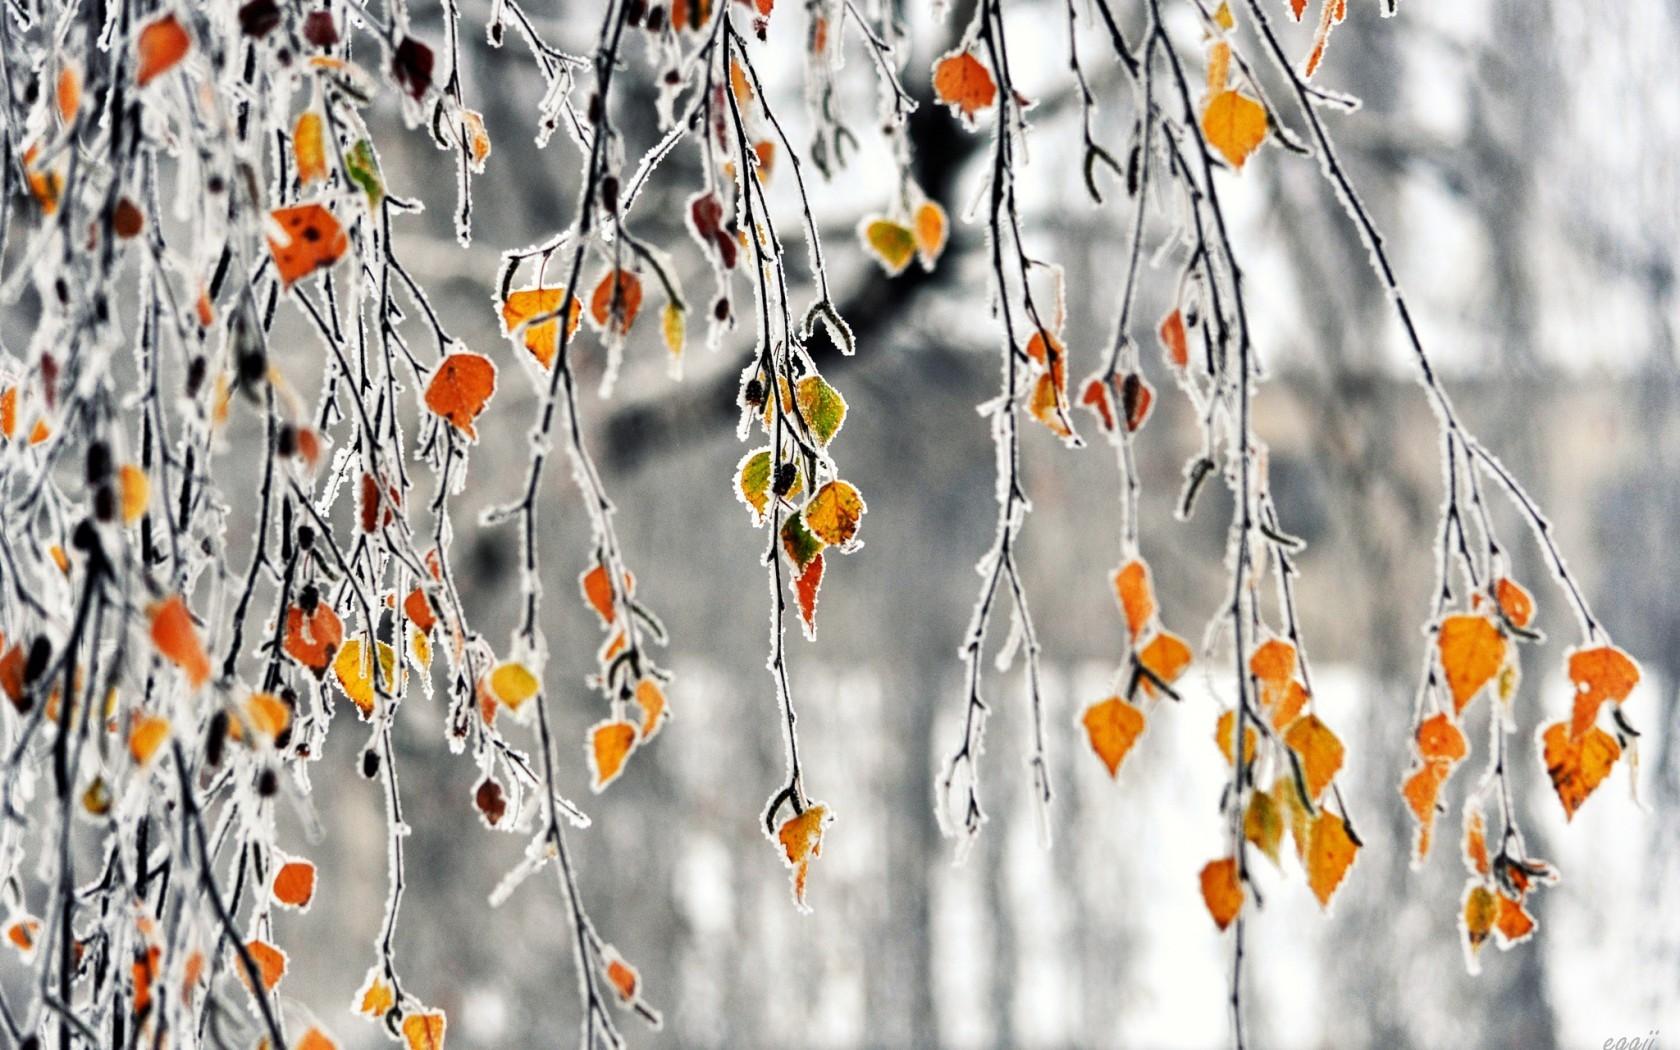 23224 скачать обои Пейзаж, Деревья, Листья, Лед - заставки и картинки бесплатно